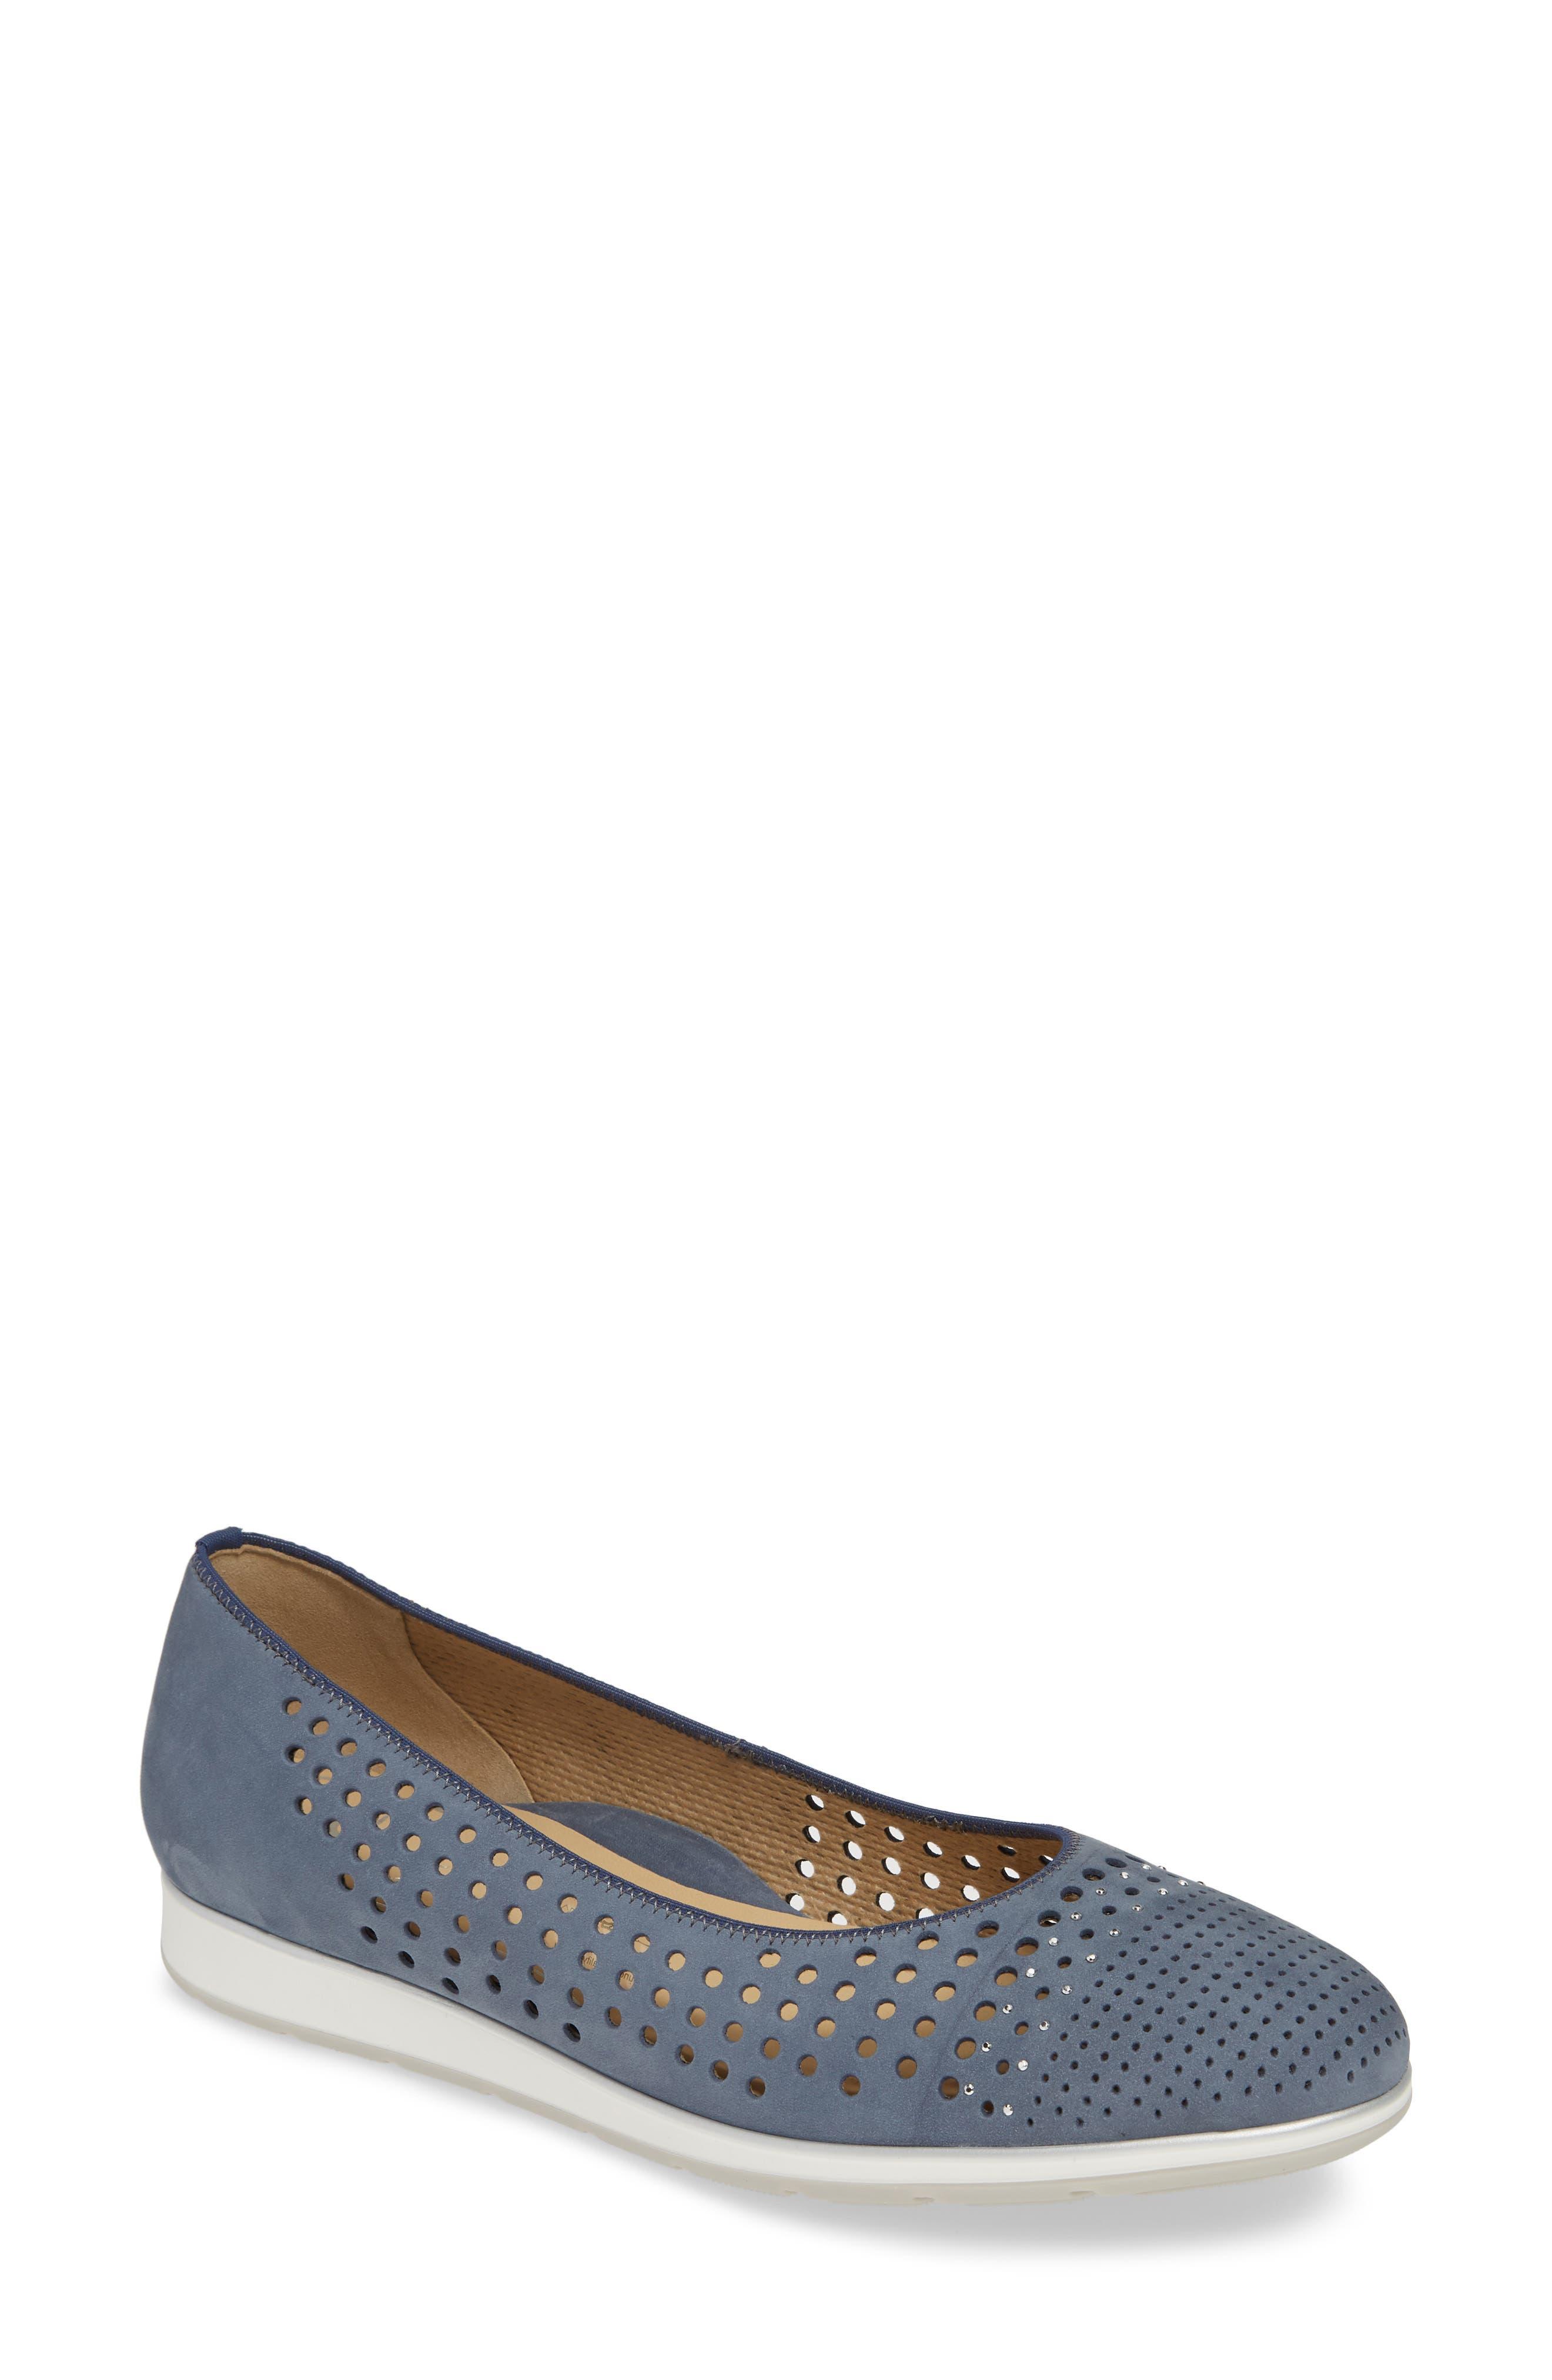 Ara Shea Flat, Blue